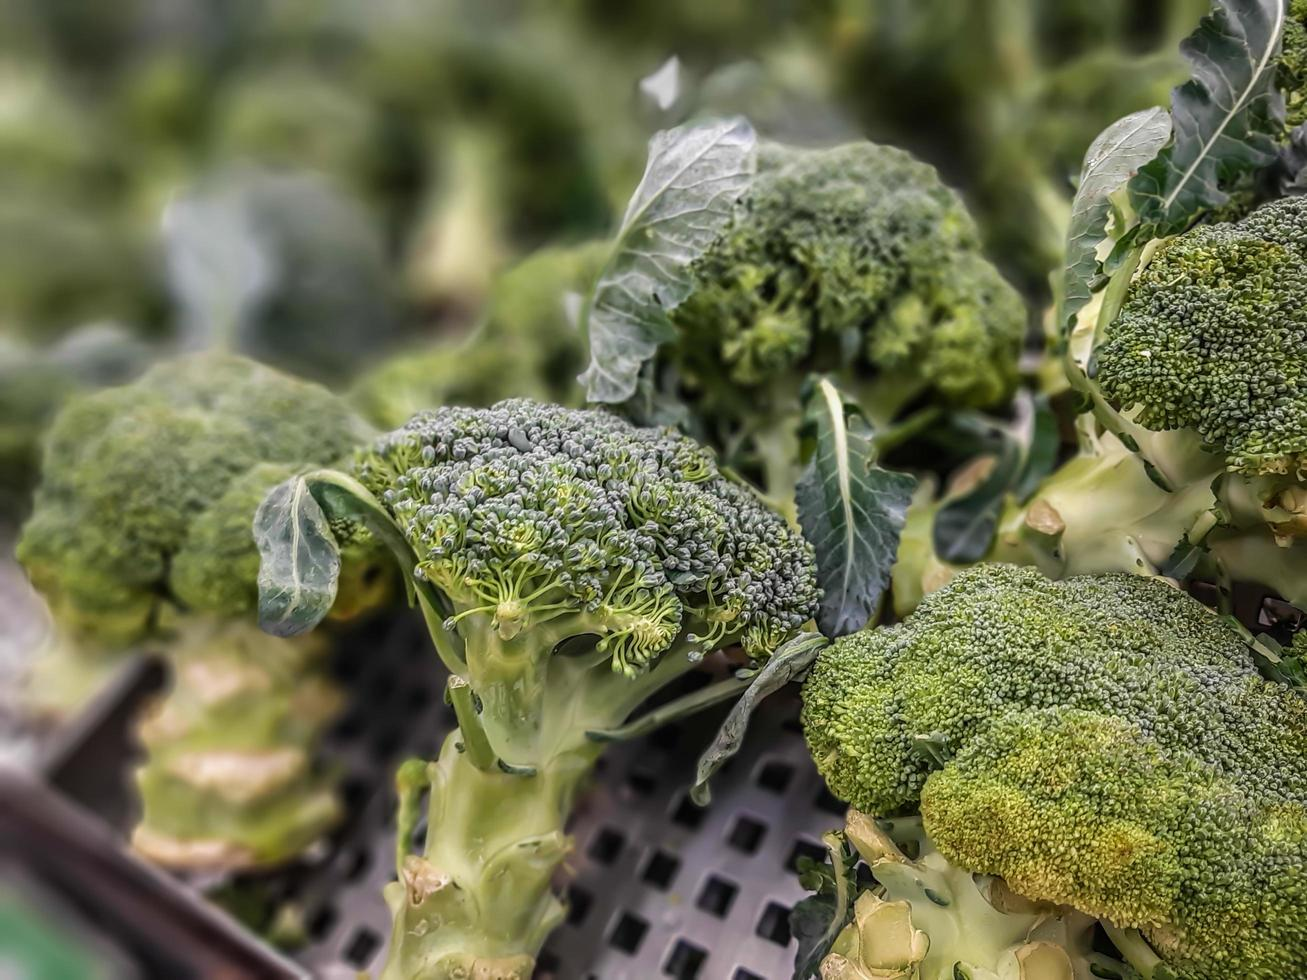 brocoli frais dans une pile au supermarché, brocoli cru vert frais et sain. fond, texture. photo